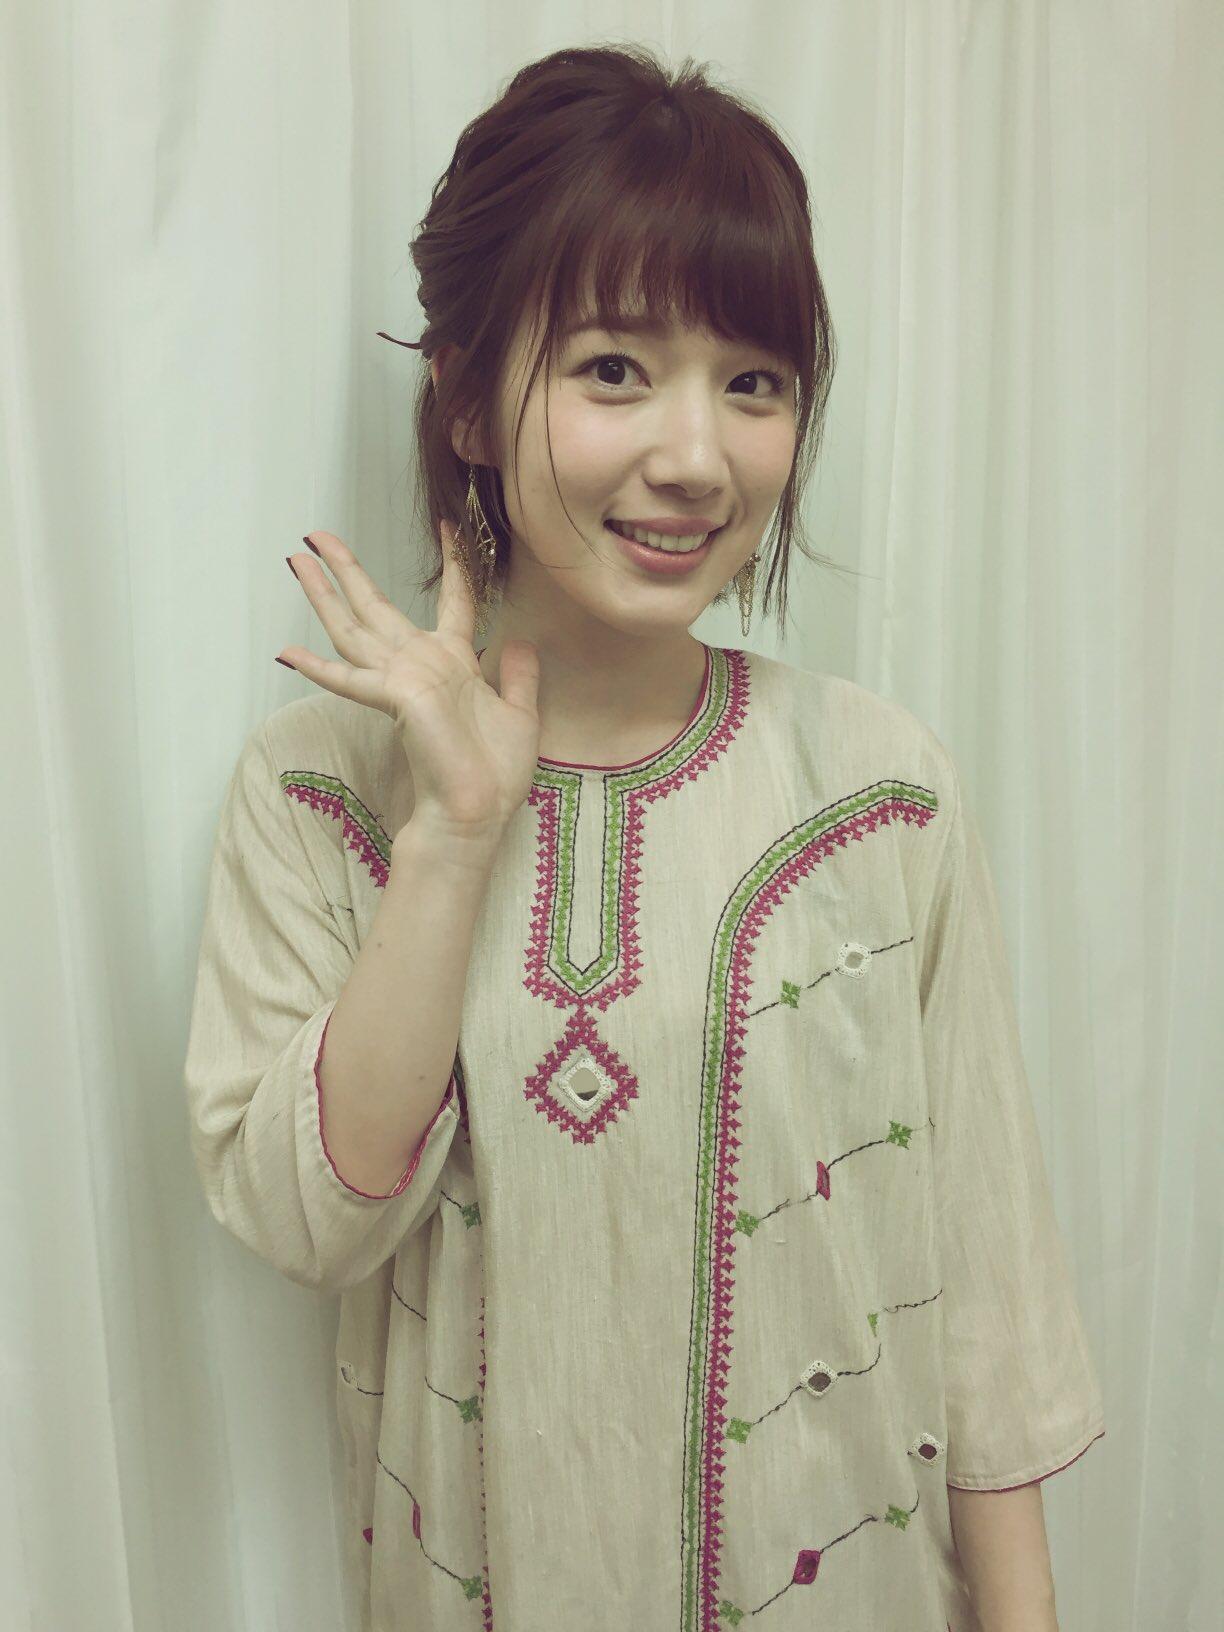 성우 우치다 마아야씨의 사진, 공개 녹음 이벤트에서